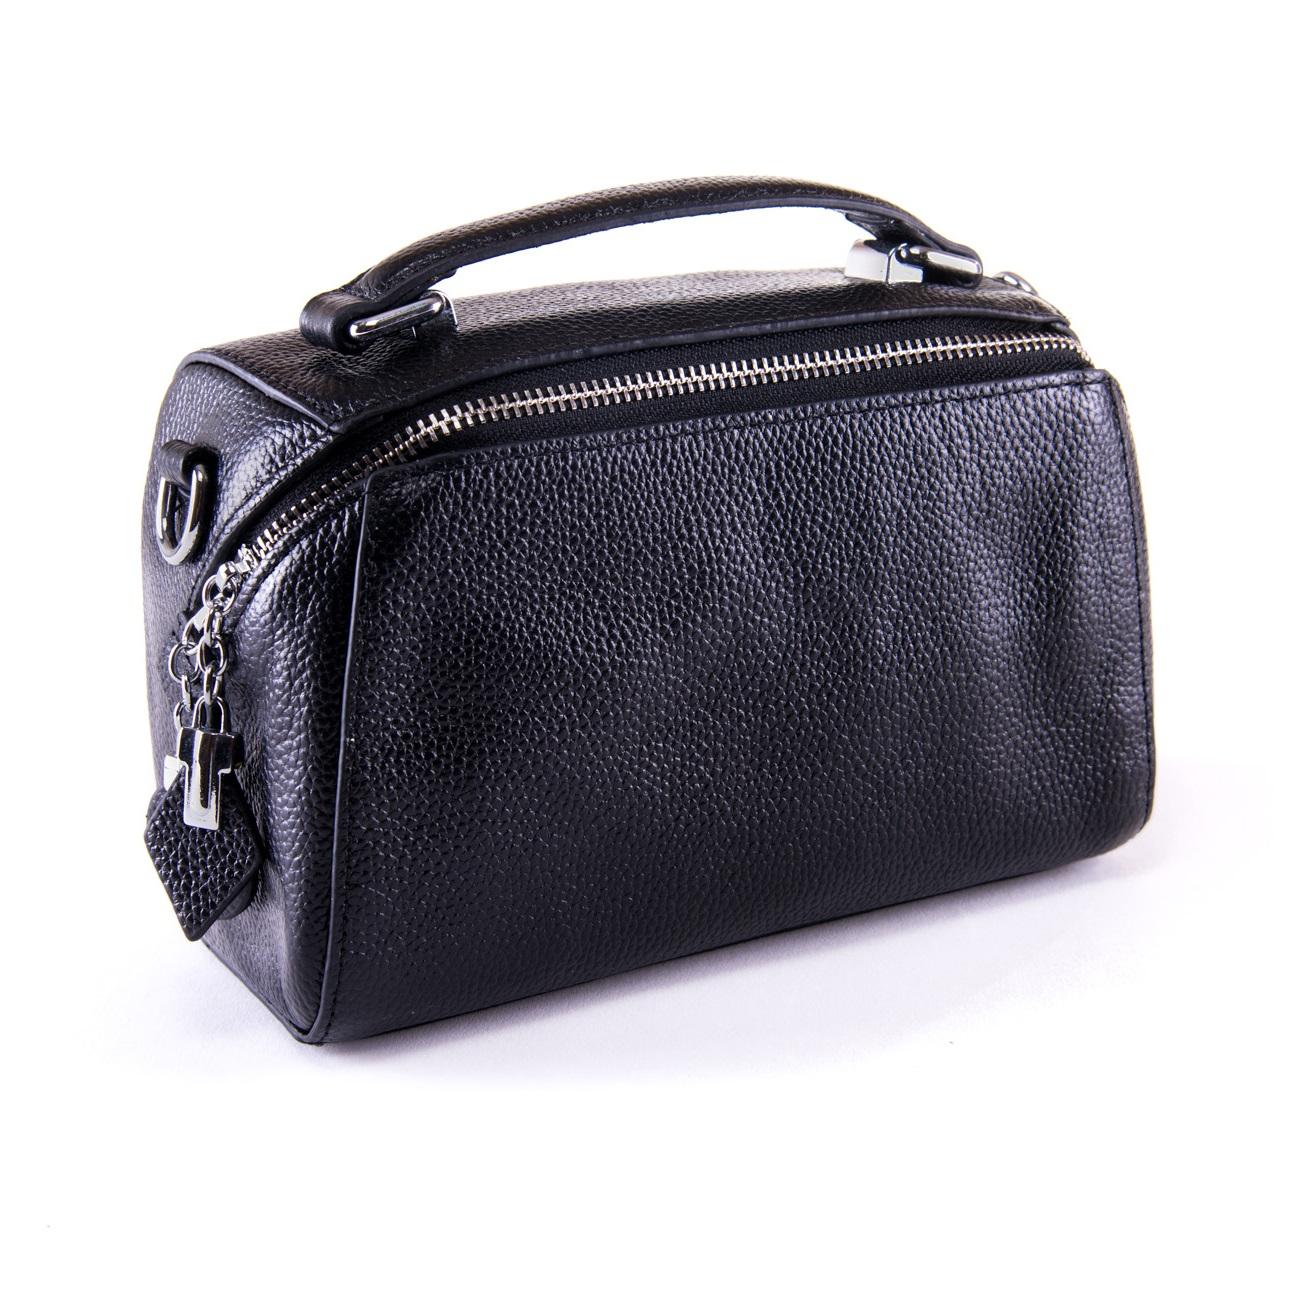 Сумка Женская Клатч кожа ALEX RAI 1-02 29018-1 black